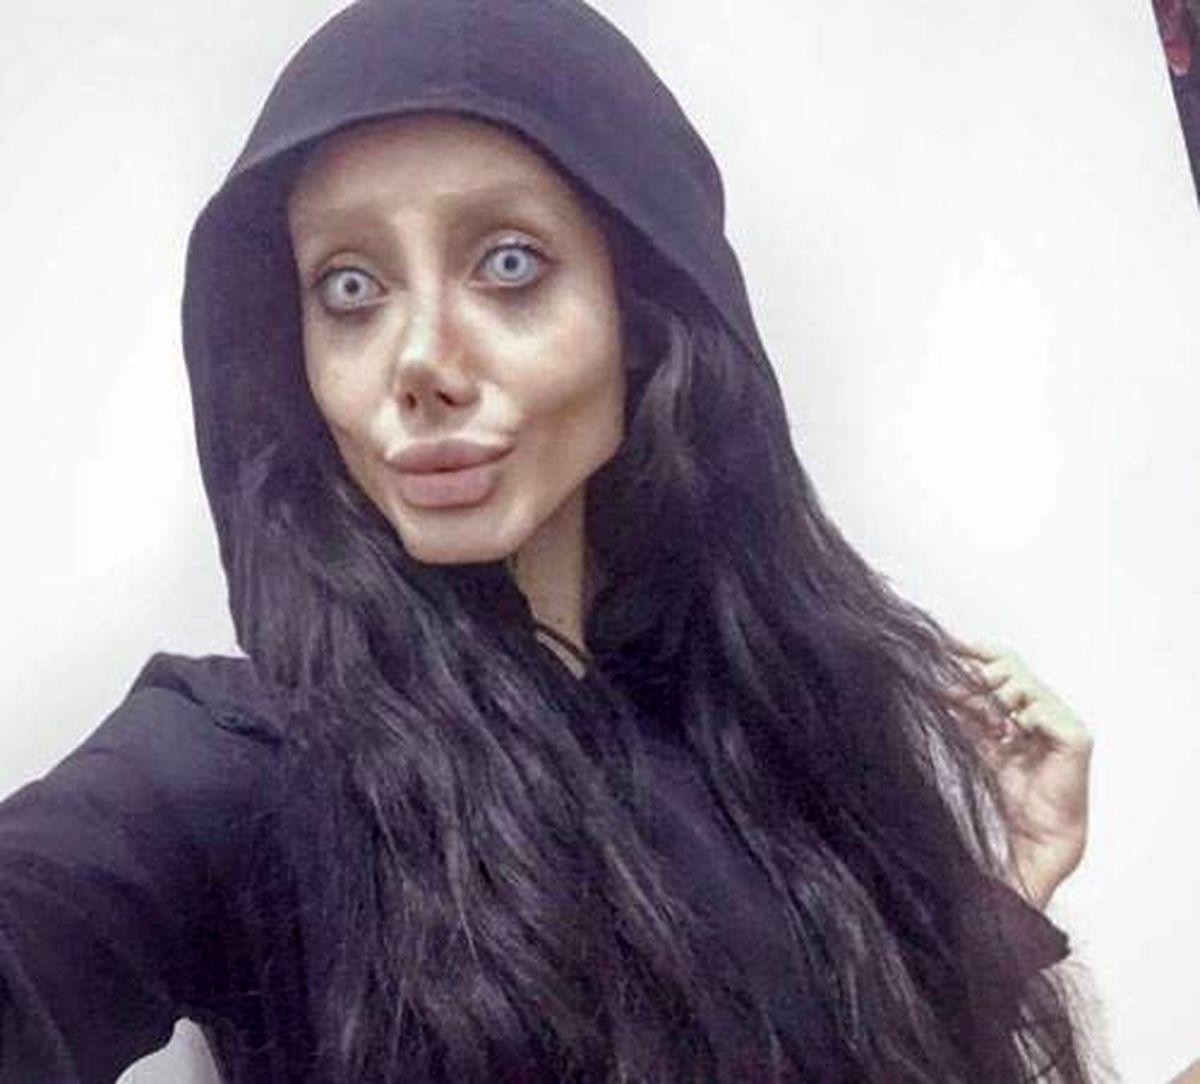 اولین مصاحبه با سحر تبر بعد از آزادی + فیلم دیدنی